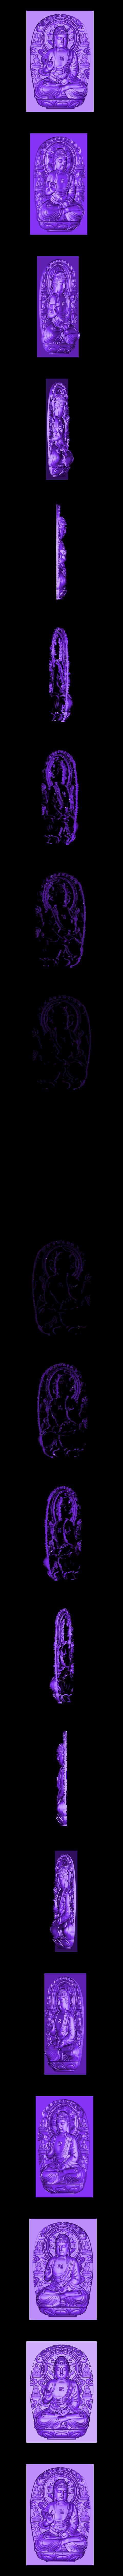 buddhaUUU.stl Télécharger fichier OBJ gratuit Bouddha • Design à imprimer en 3D, stlfilesfree